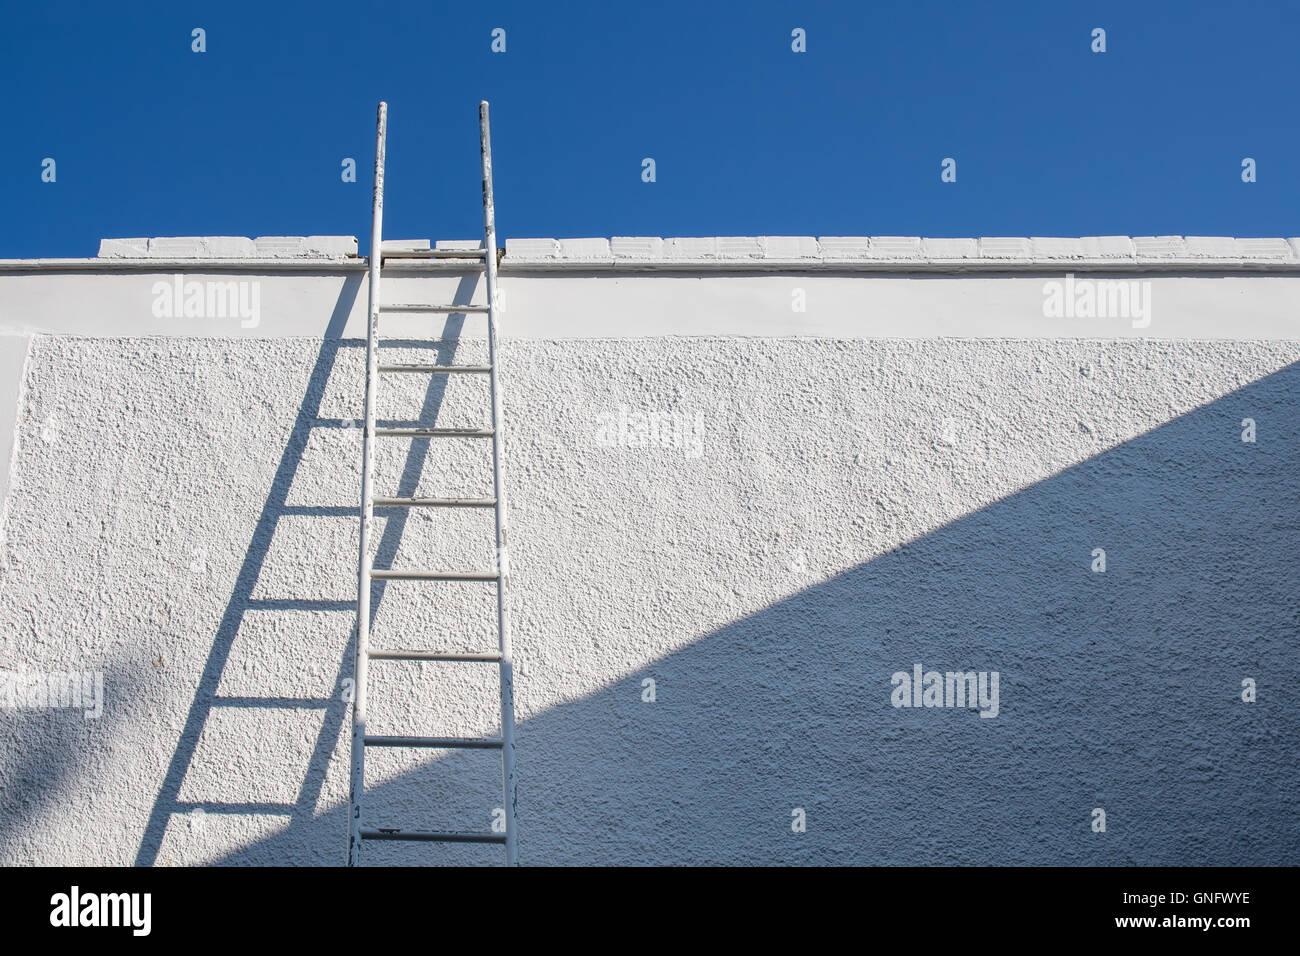 Escalera de color blanco al lado de una pared blanca. El azul claro del cielo sin nubes. Imagen De Stock